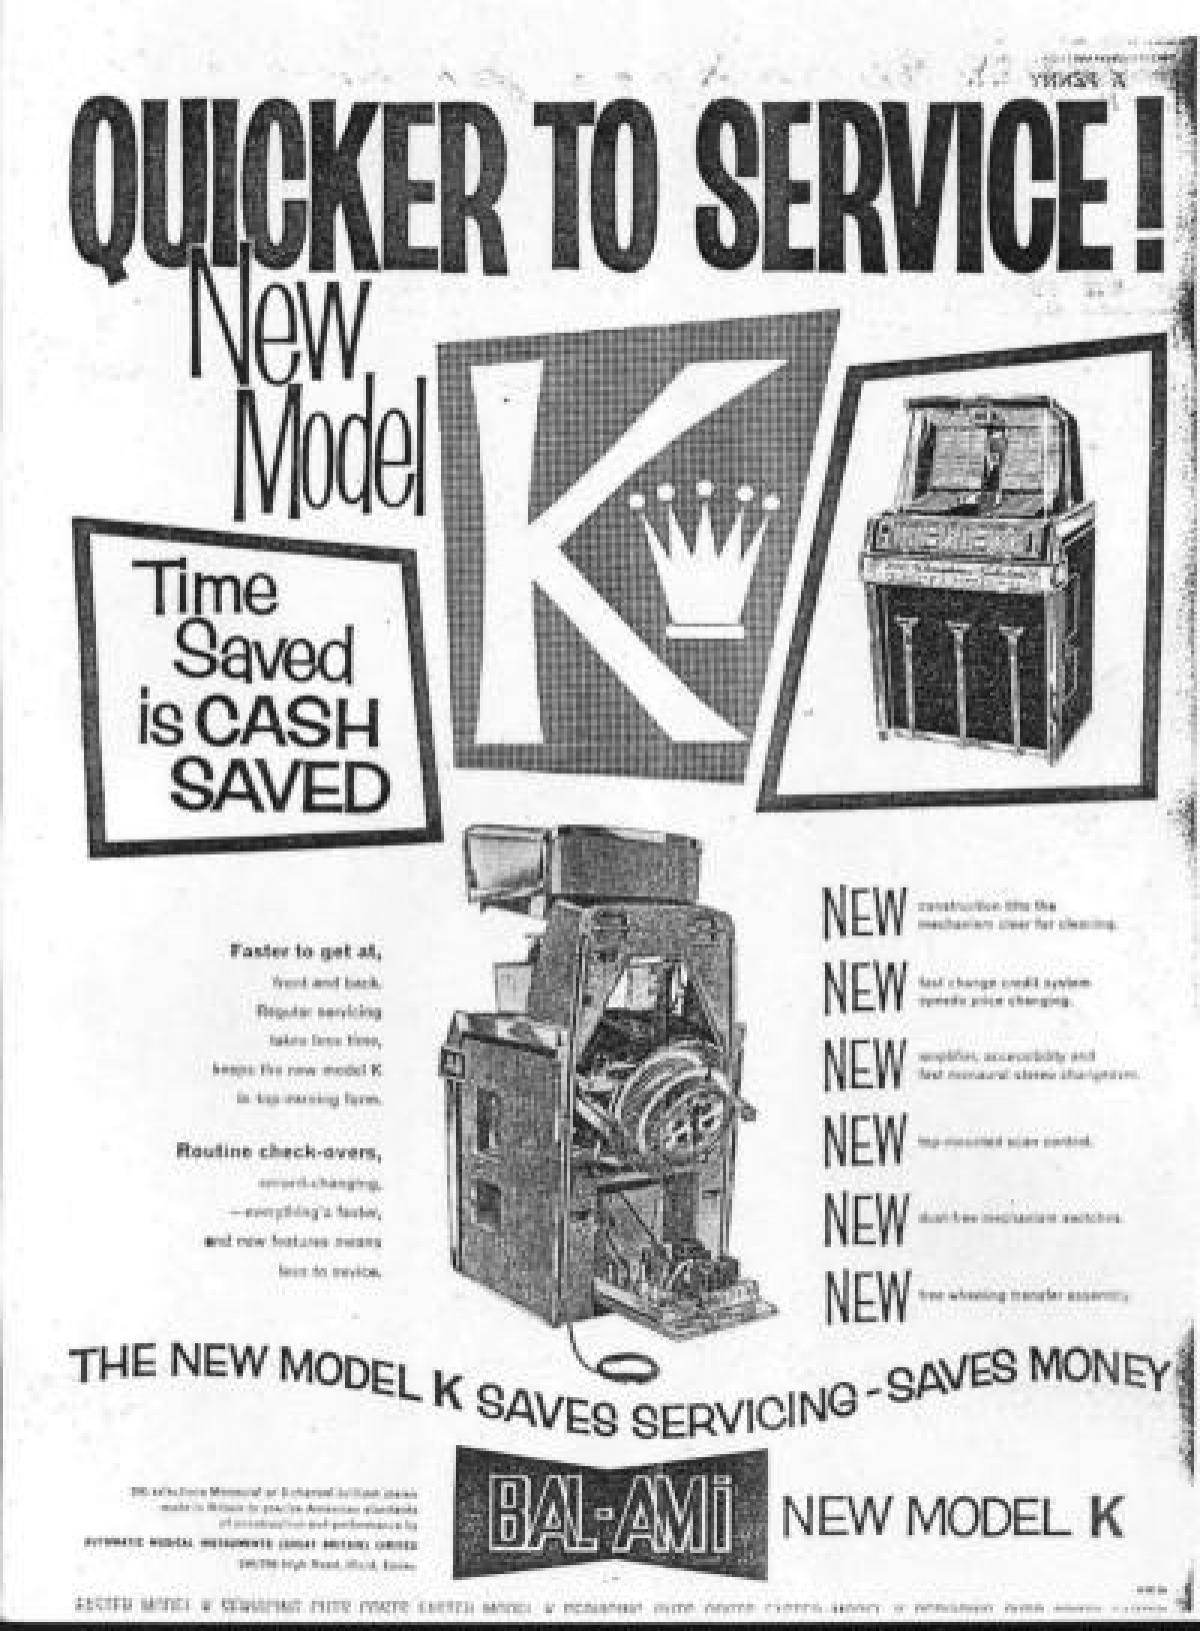 Model K